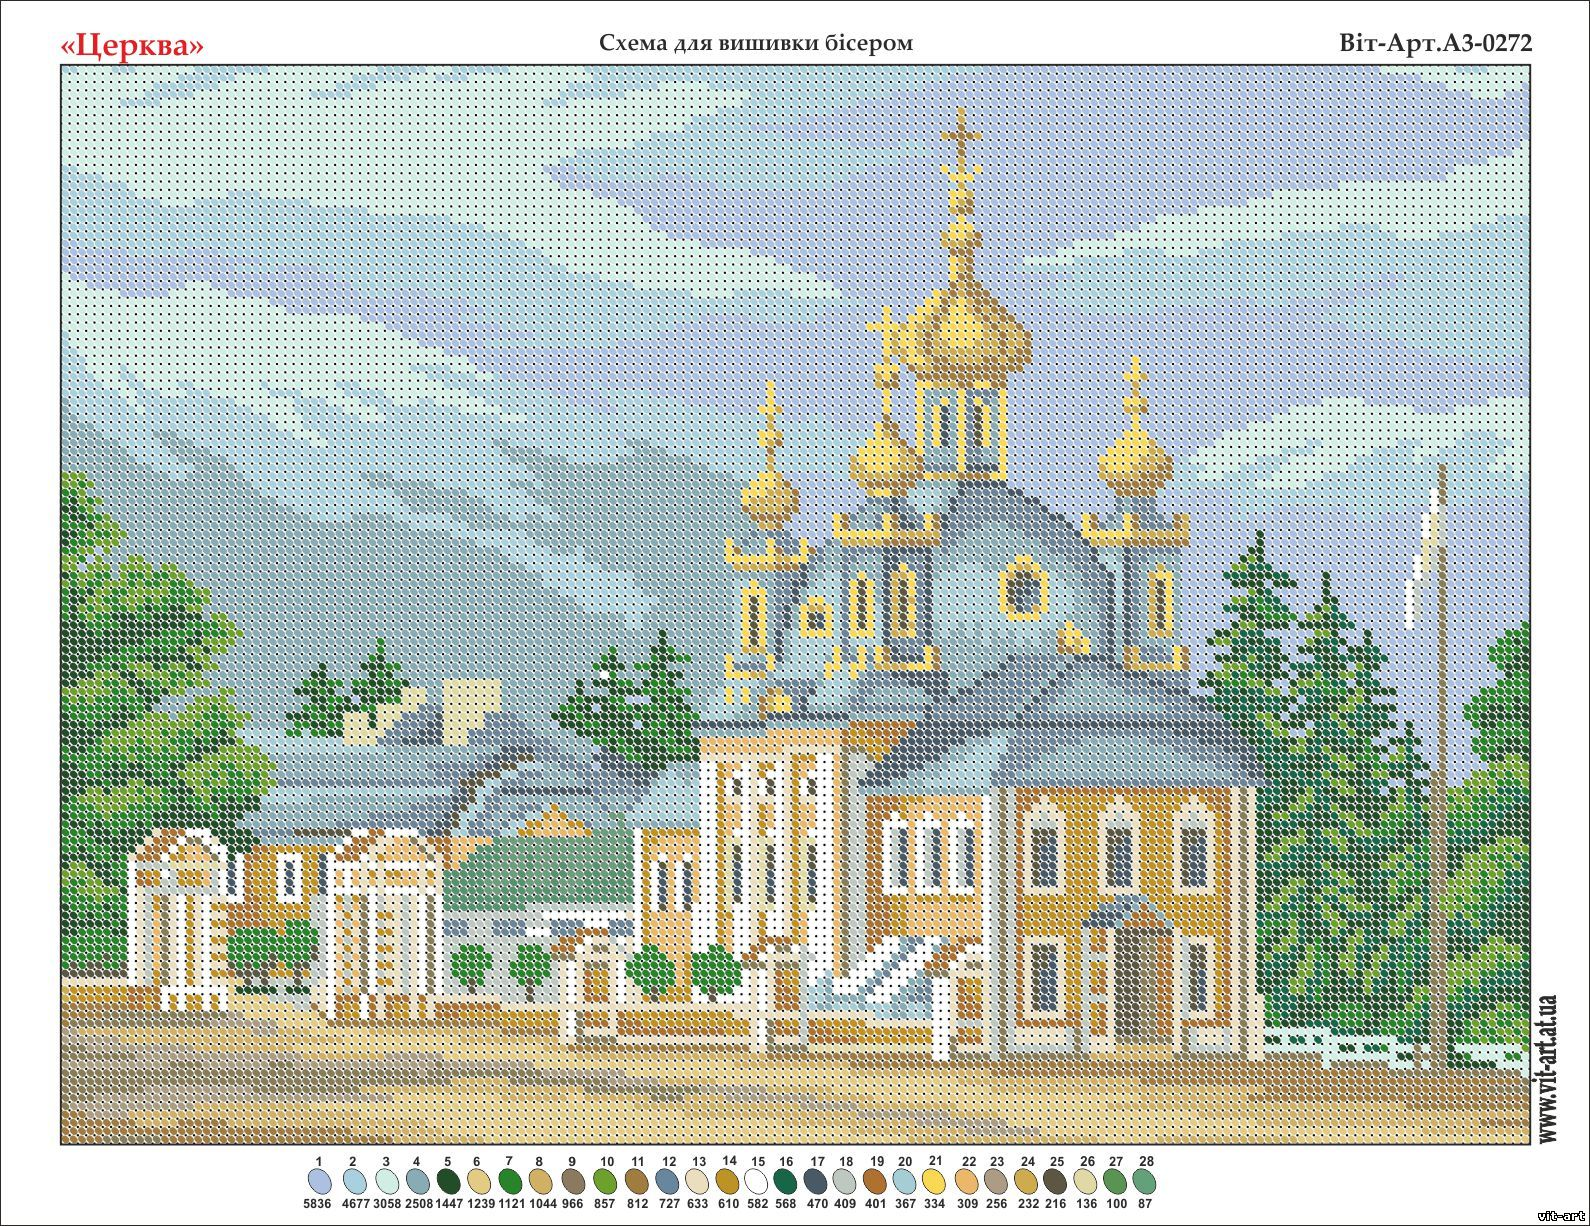 Схемы церквей вышивки из бисера